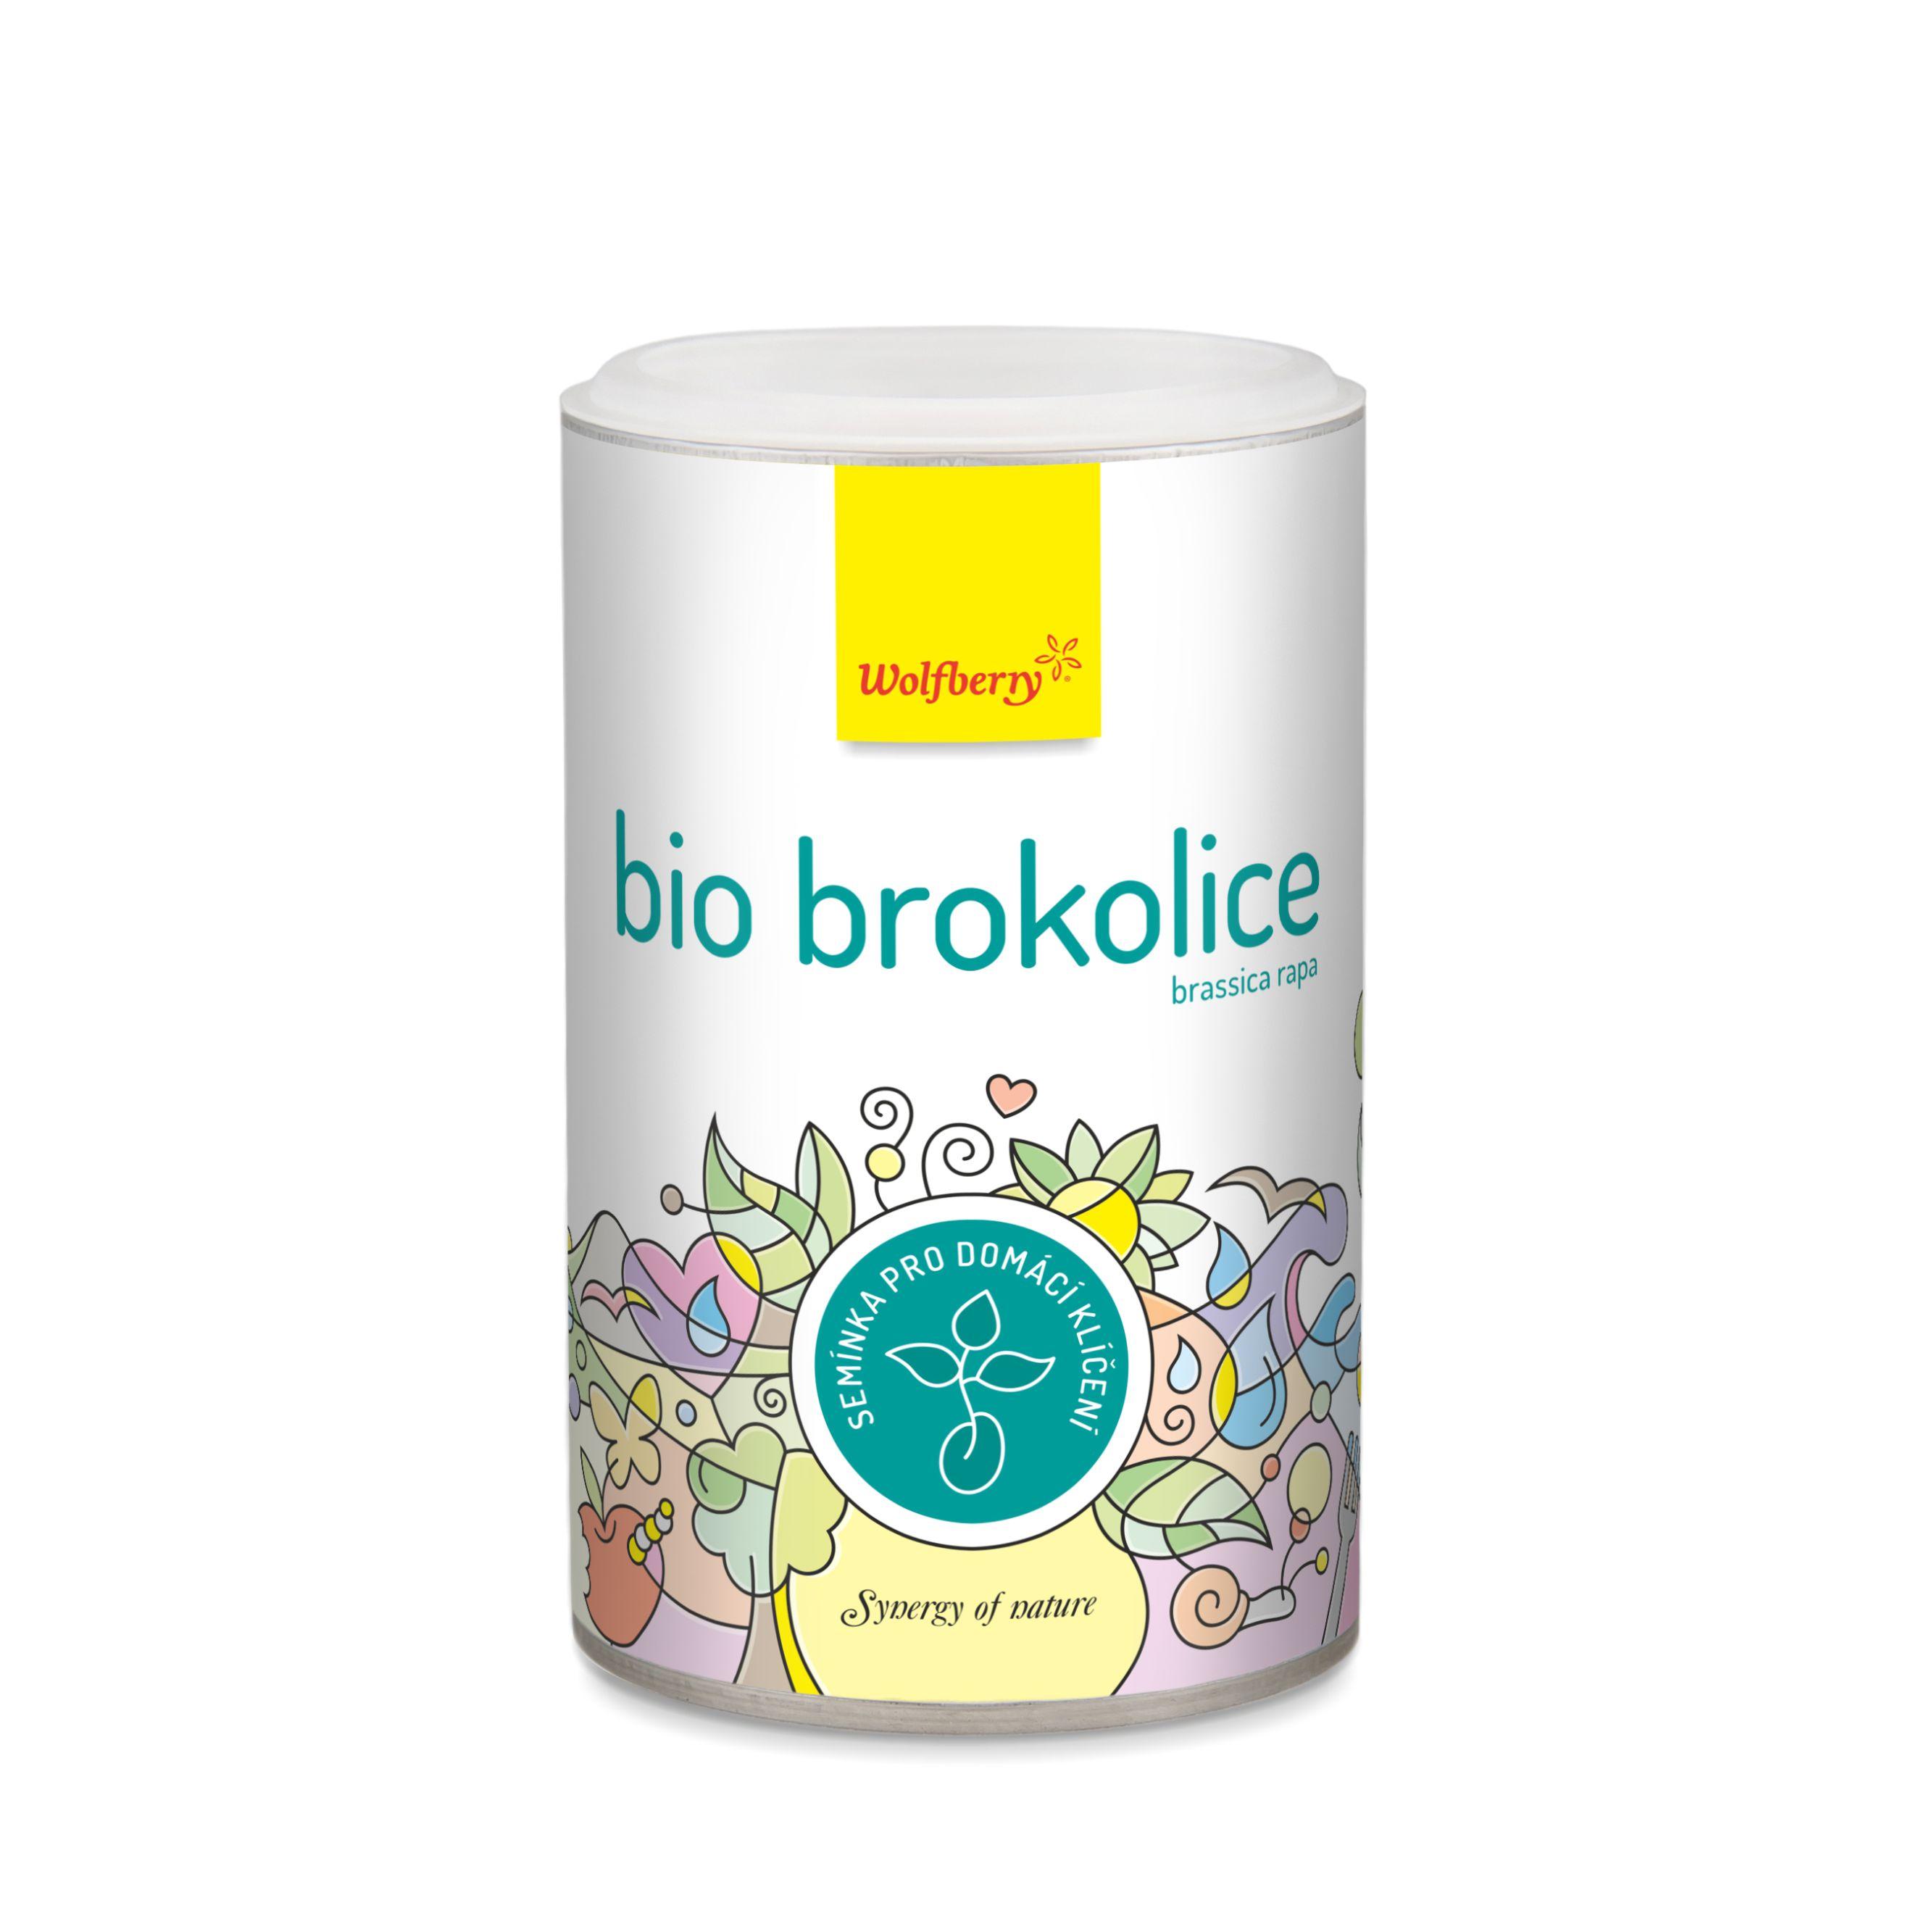 Wolfberry Brokolice BIO semínka na klíčení 200 g Wolfberry* 200 g